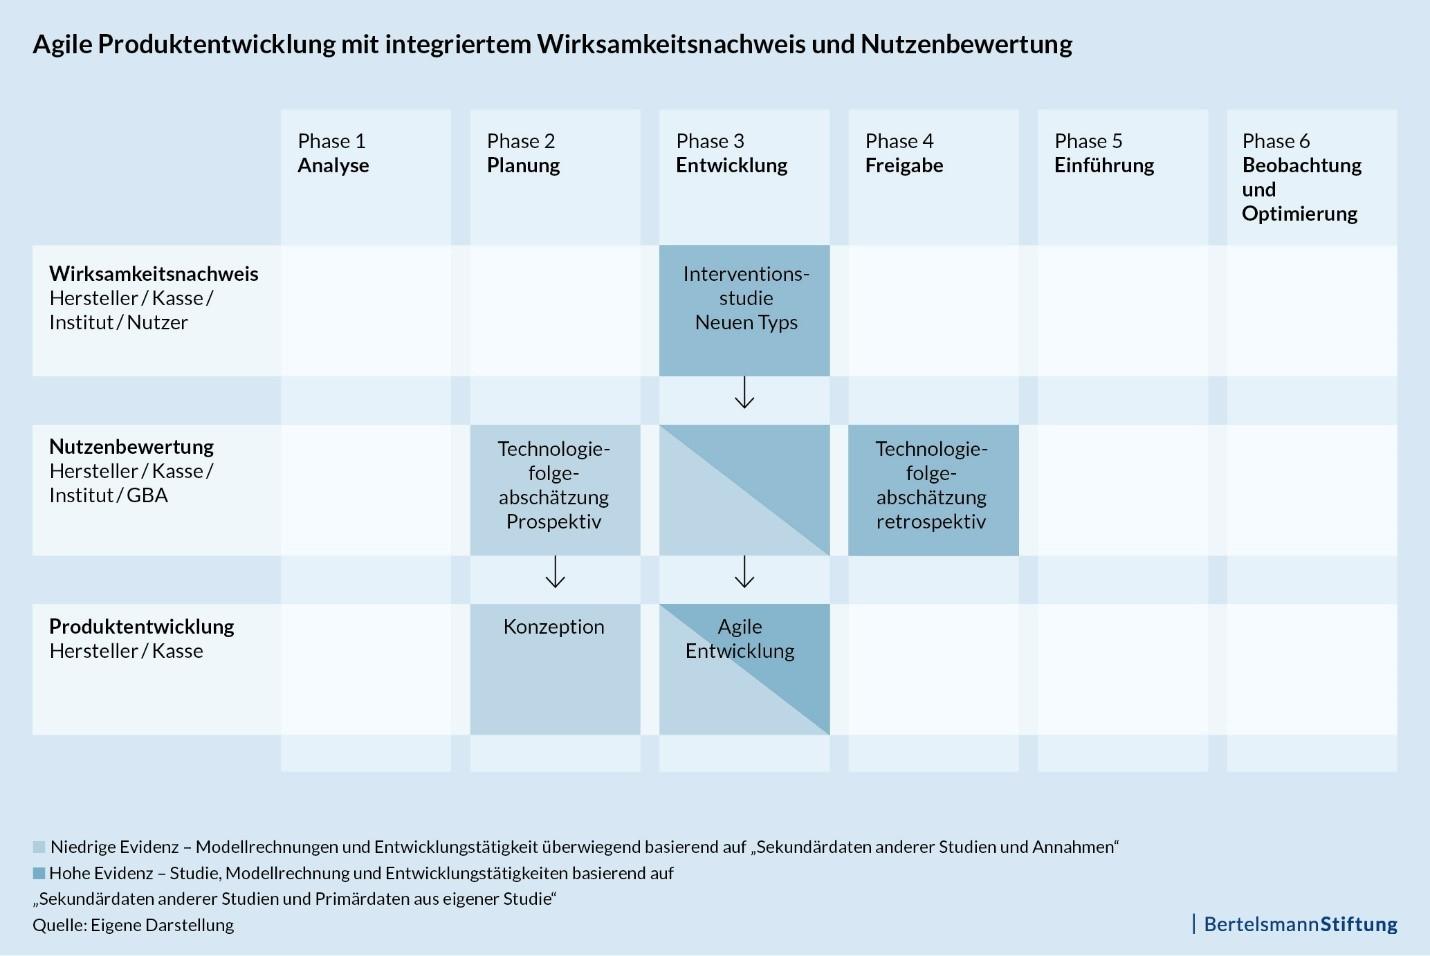 Agile Produktentwicklung mit integriertem Wirksamkeitsnachweis und Nutzenbewertung